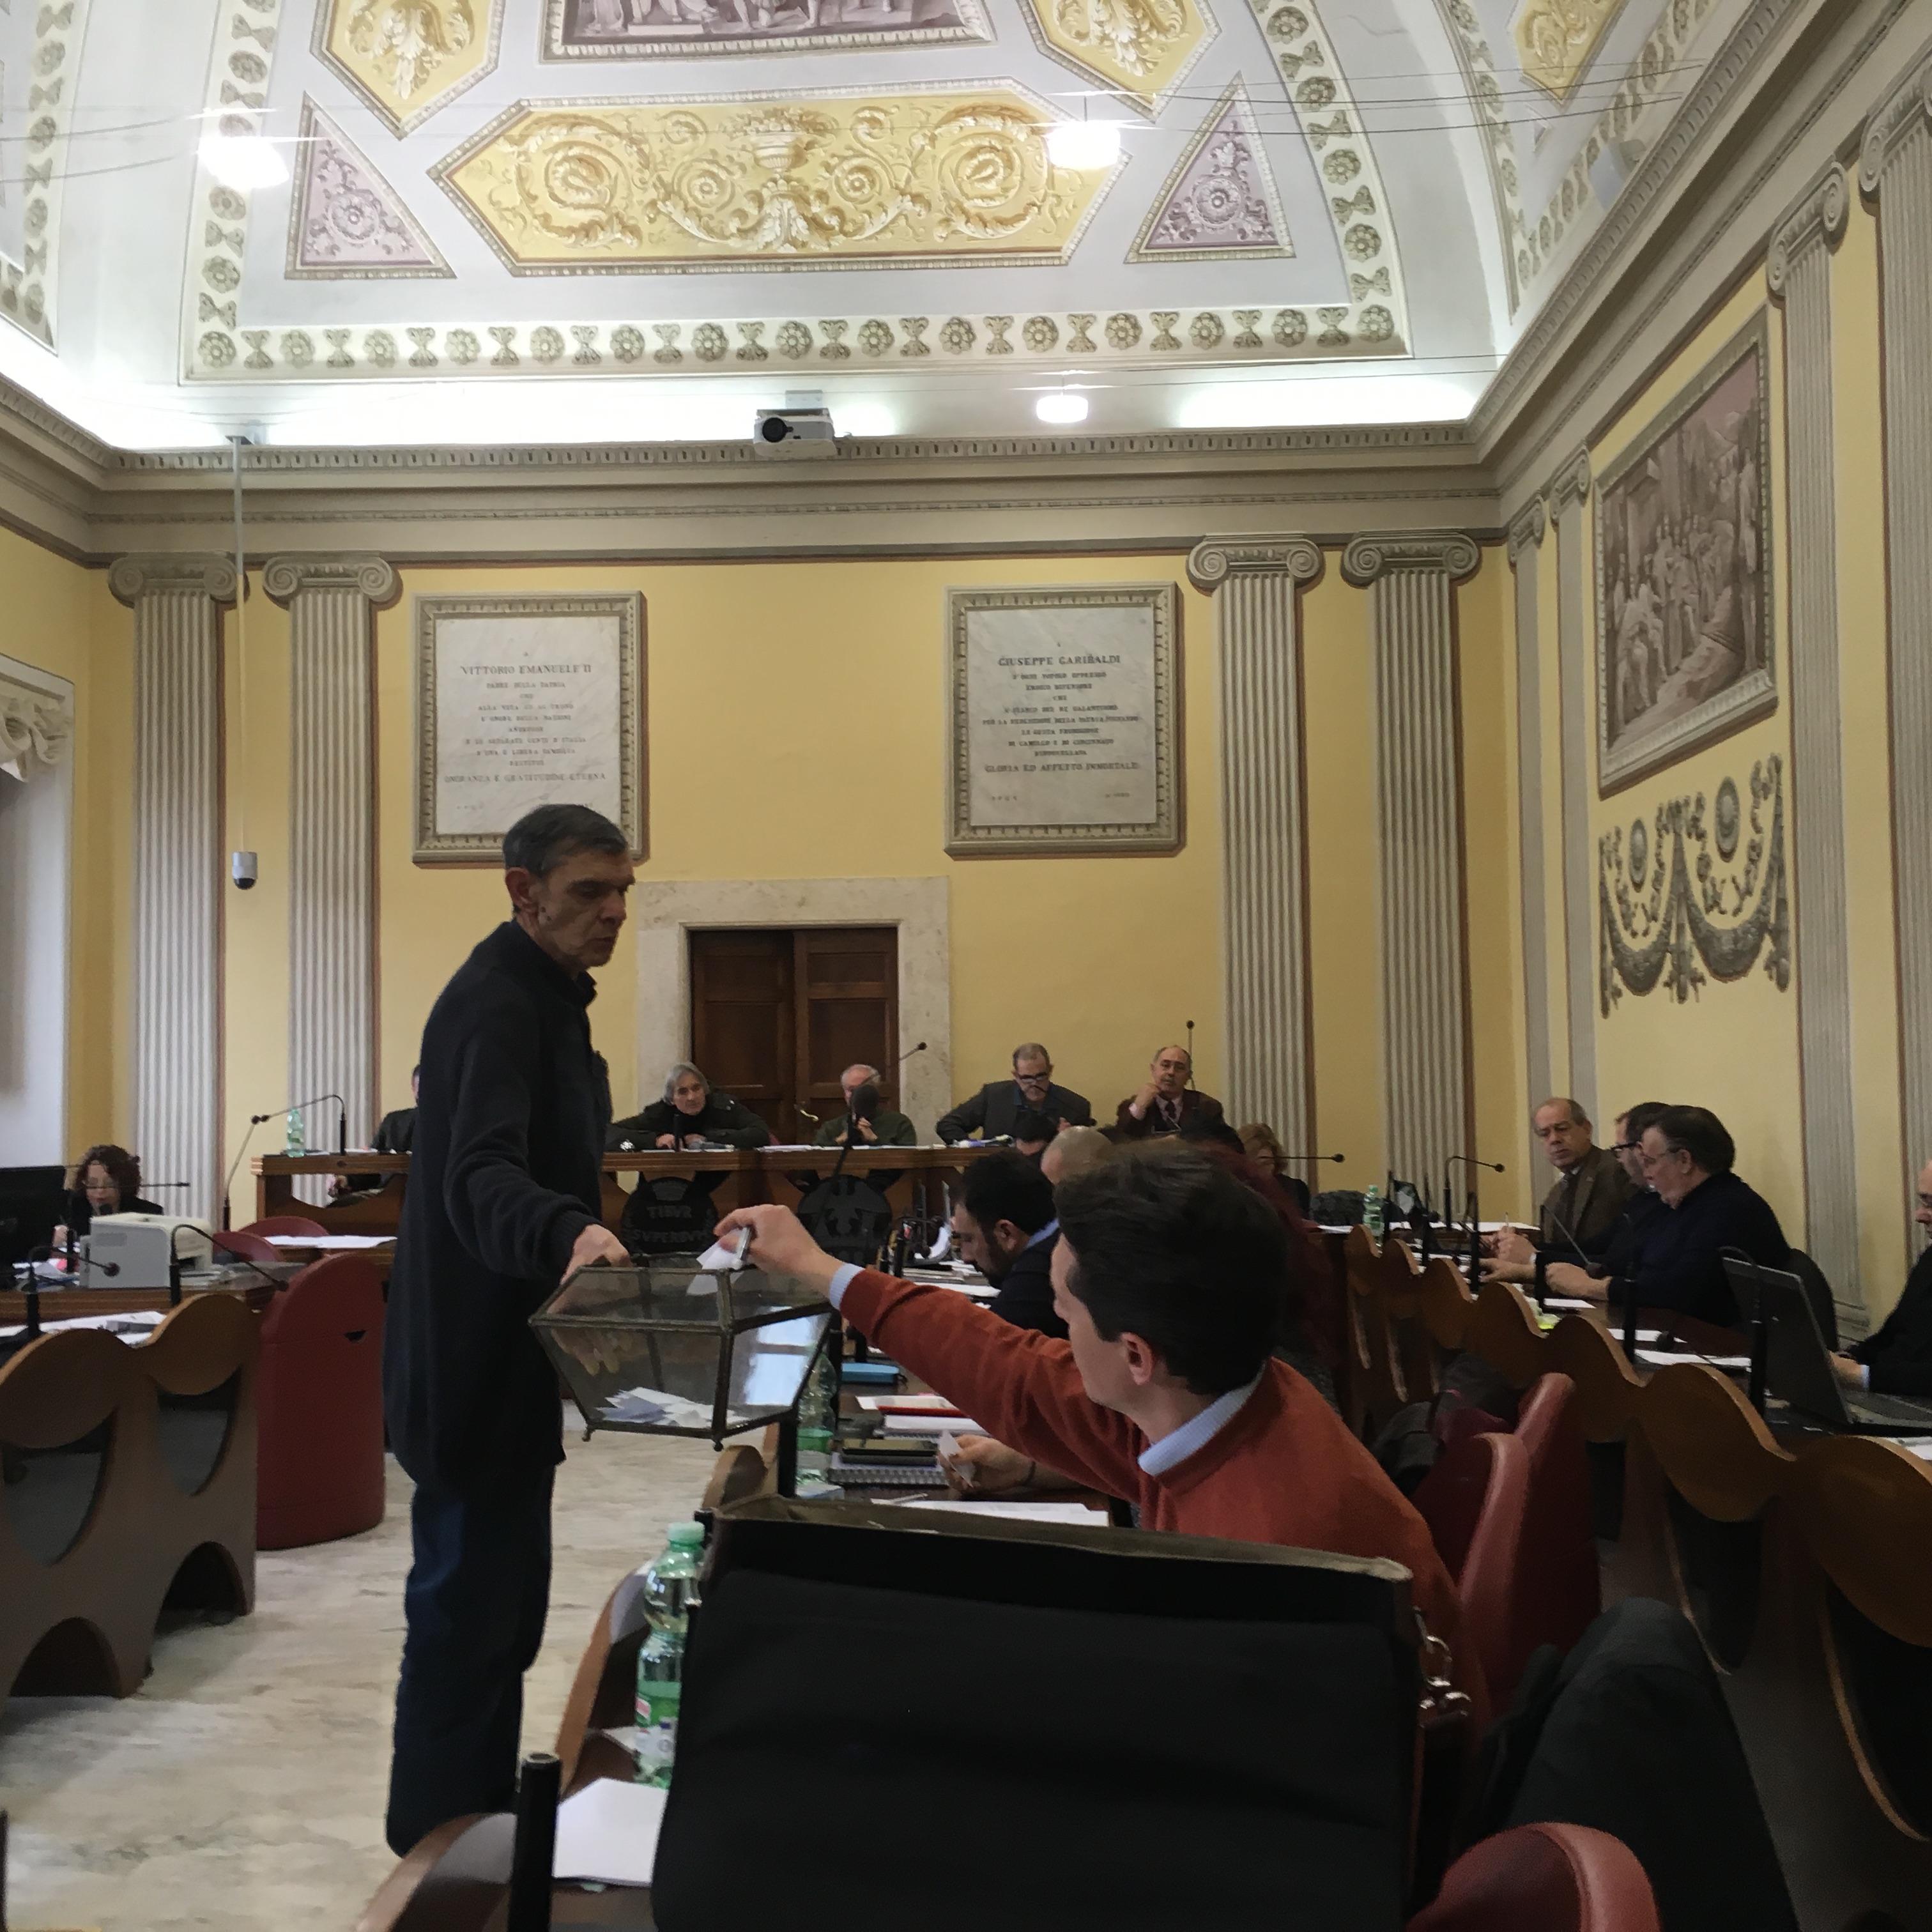 Tivoli, via libera al Bilancio: polemiche sui fondi alla Cultura